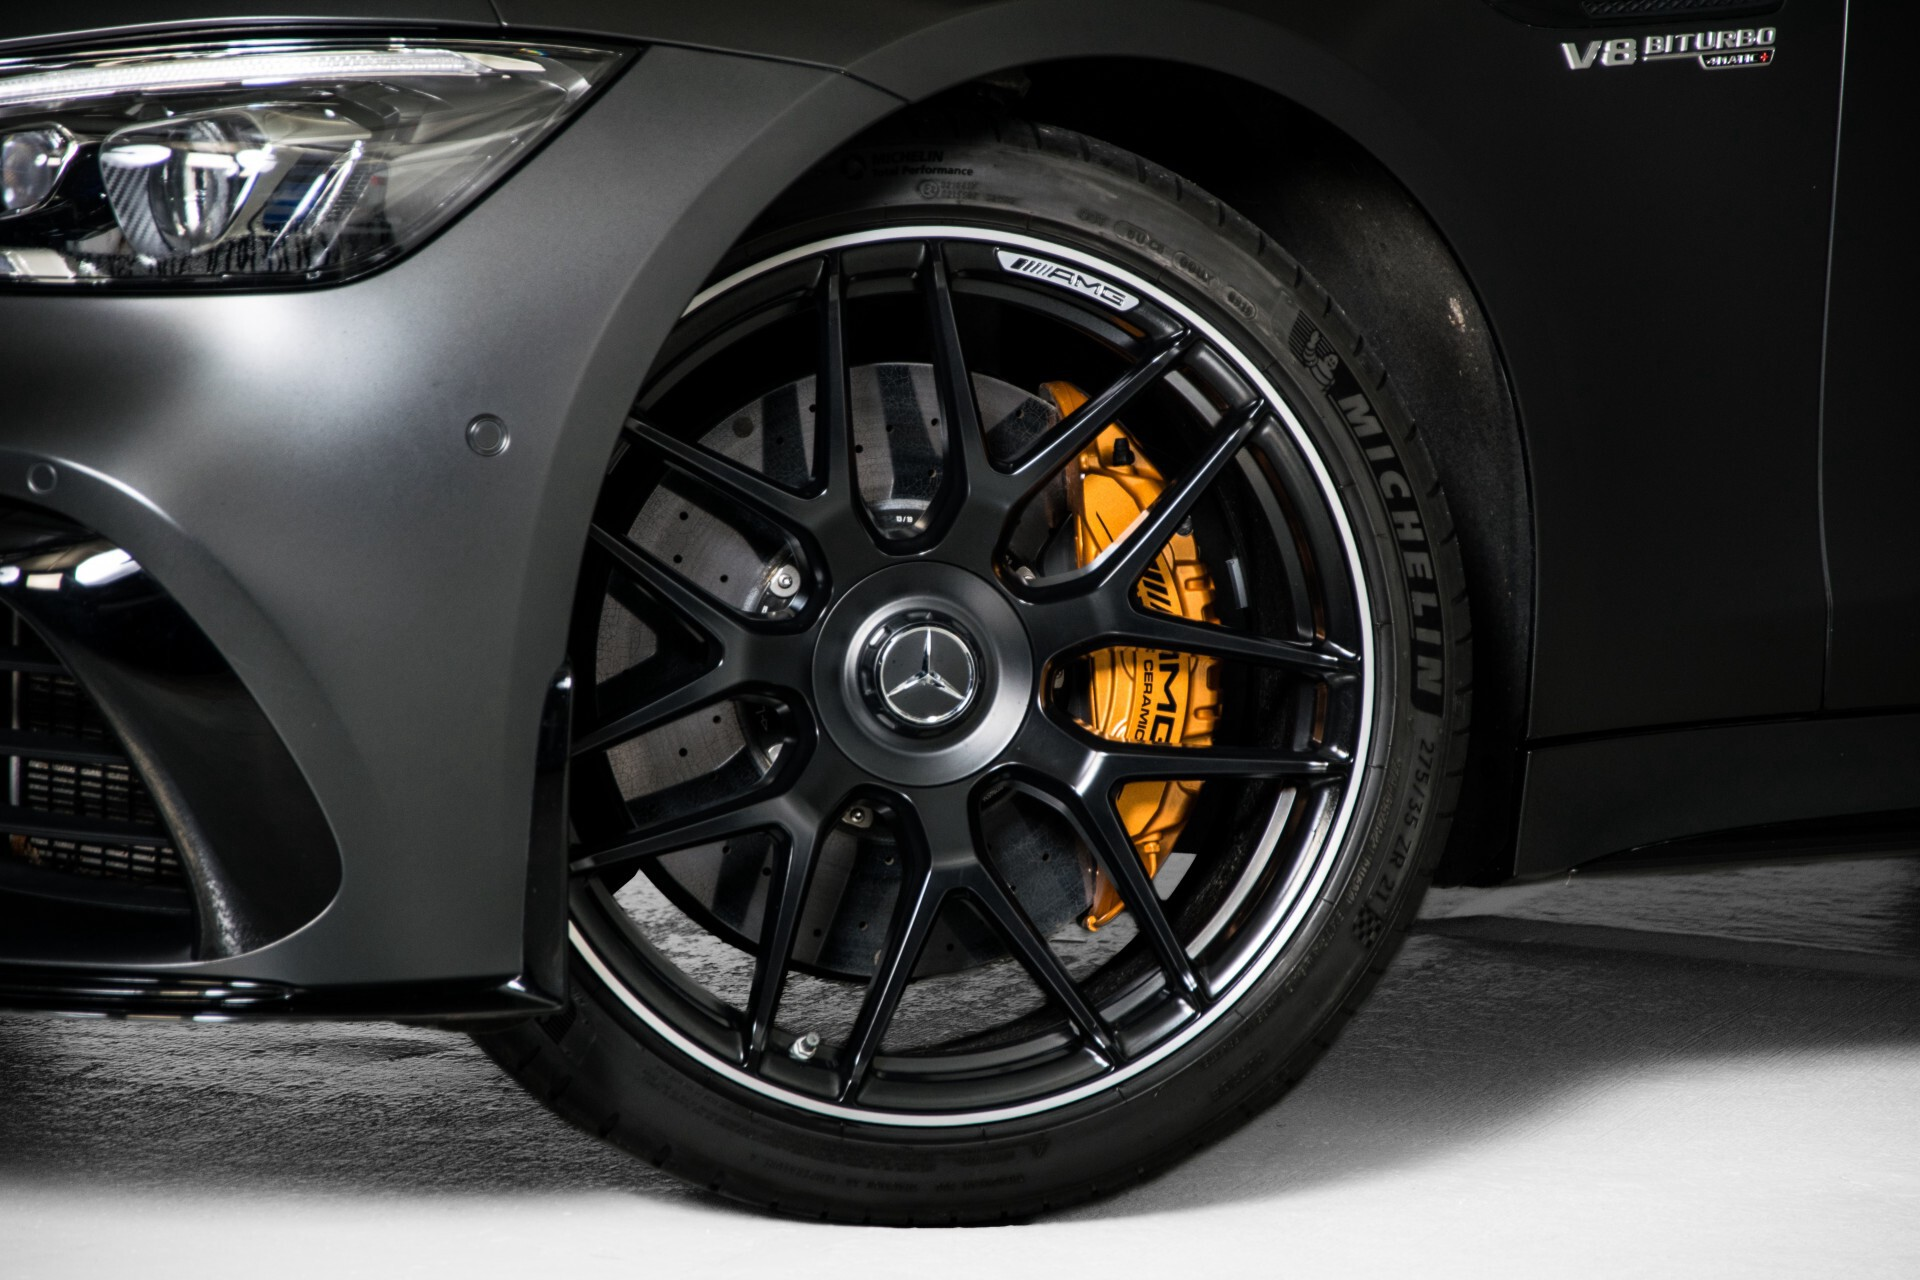 Mercedes-Benz AMG GT 4-Door Coupe 63 S 4M+ Keramisch/Full Carbon/Aerodynamica/Burmester 3D/TV/Performance stoelen/Standkachel Aut9 Foto 79